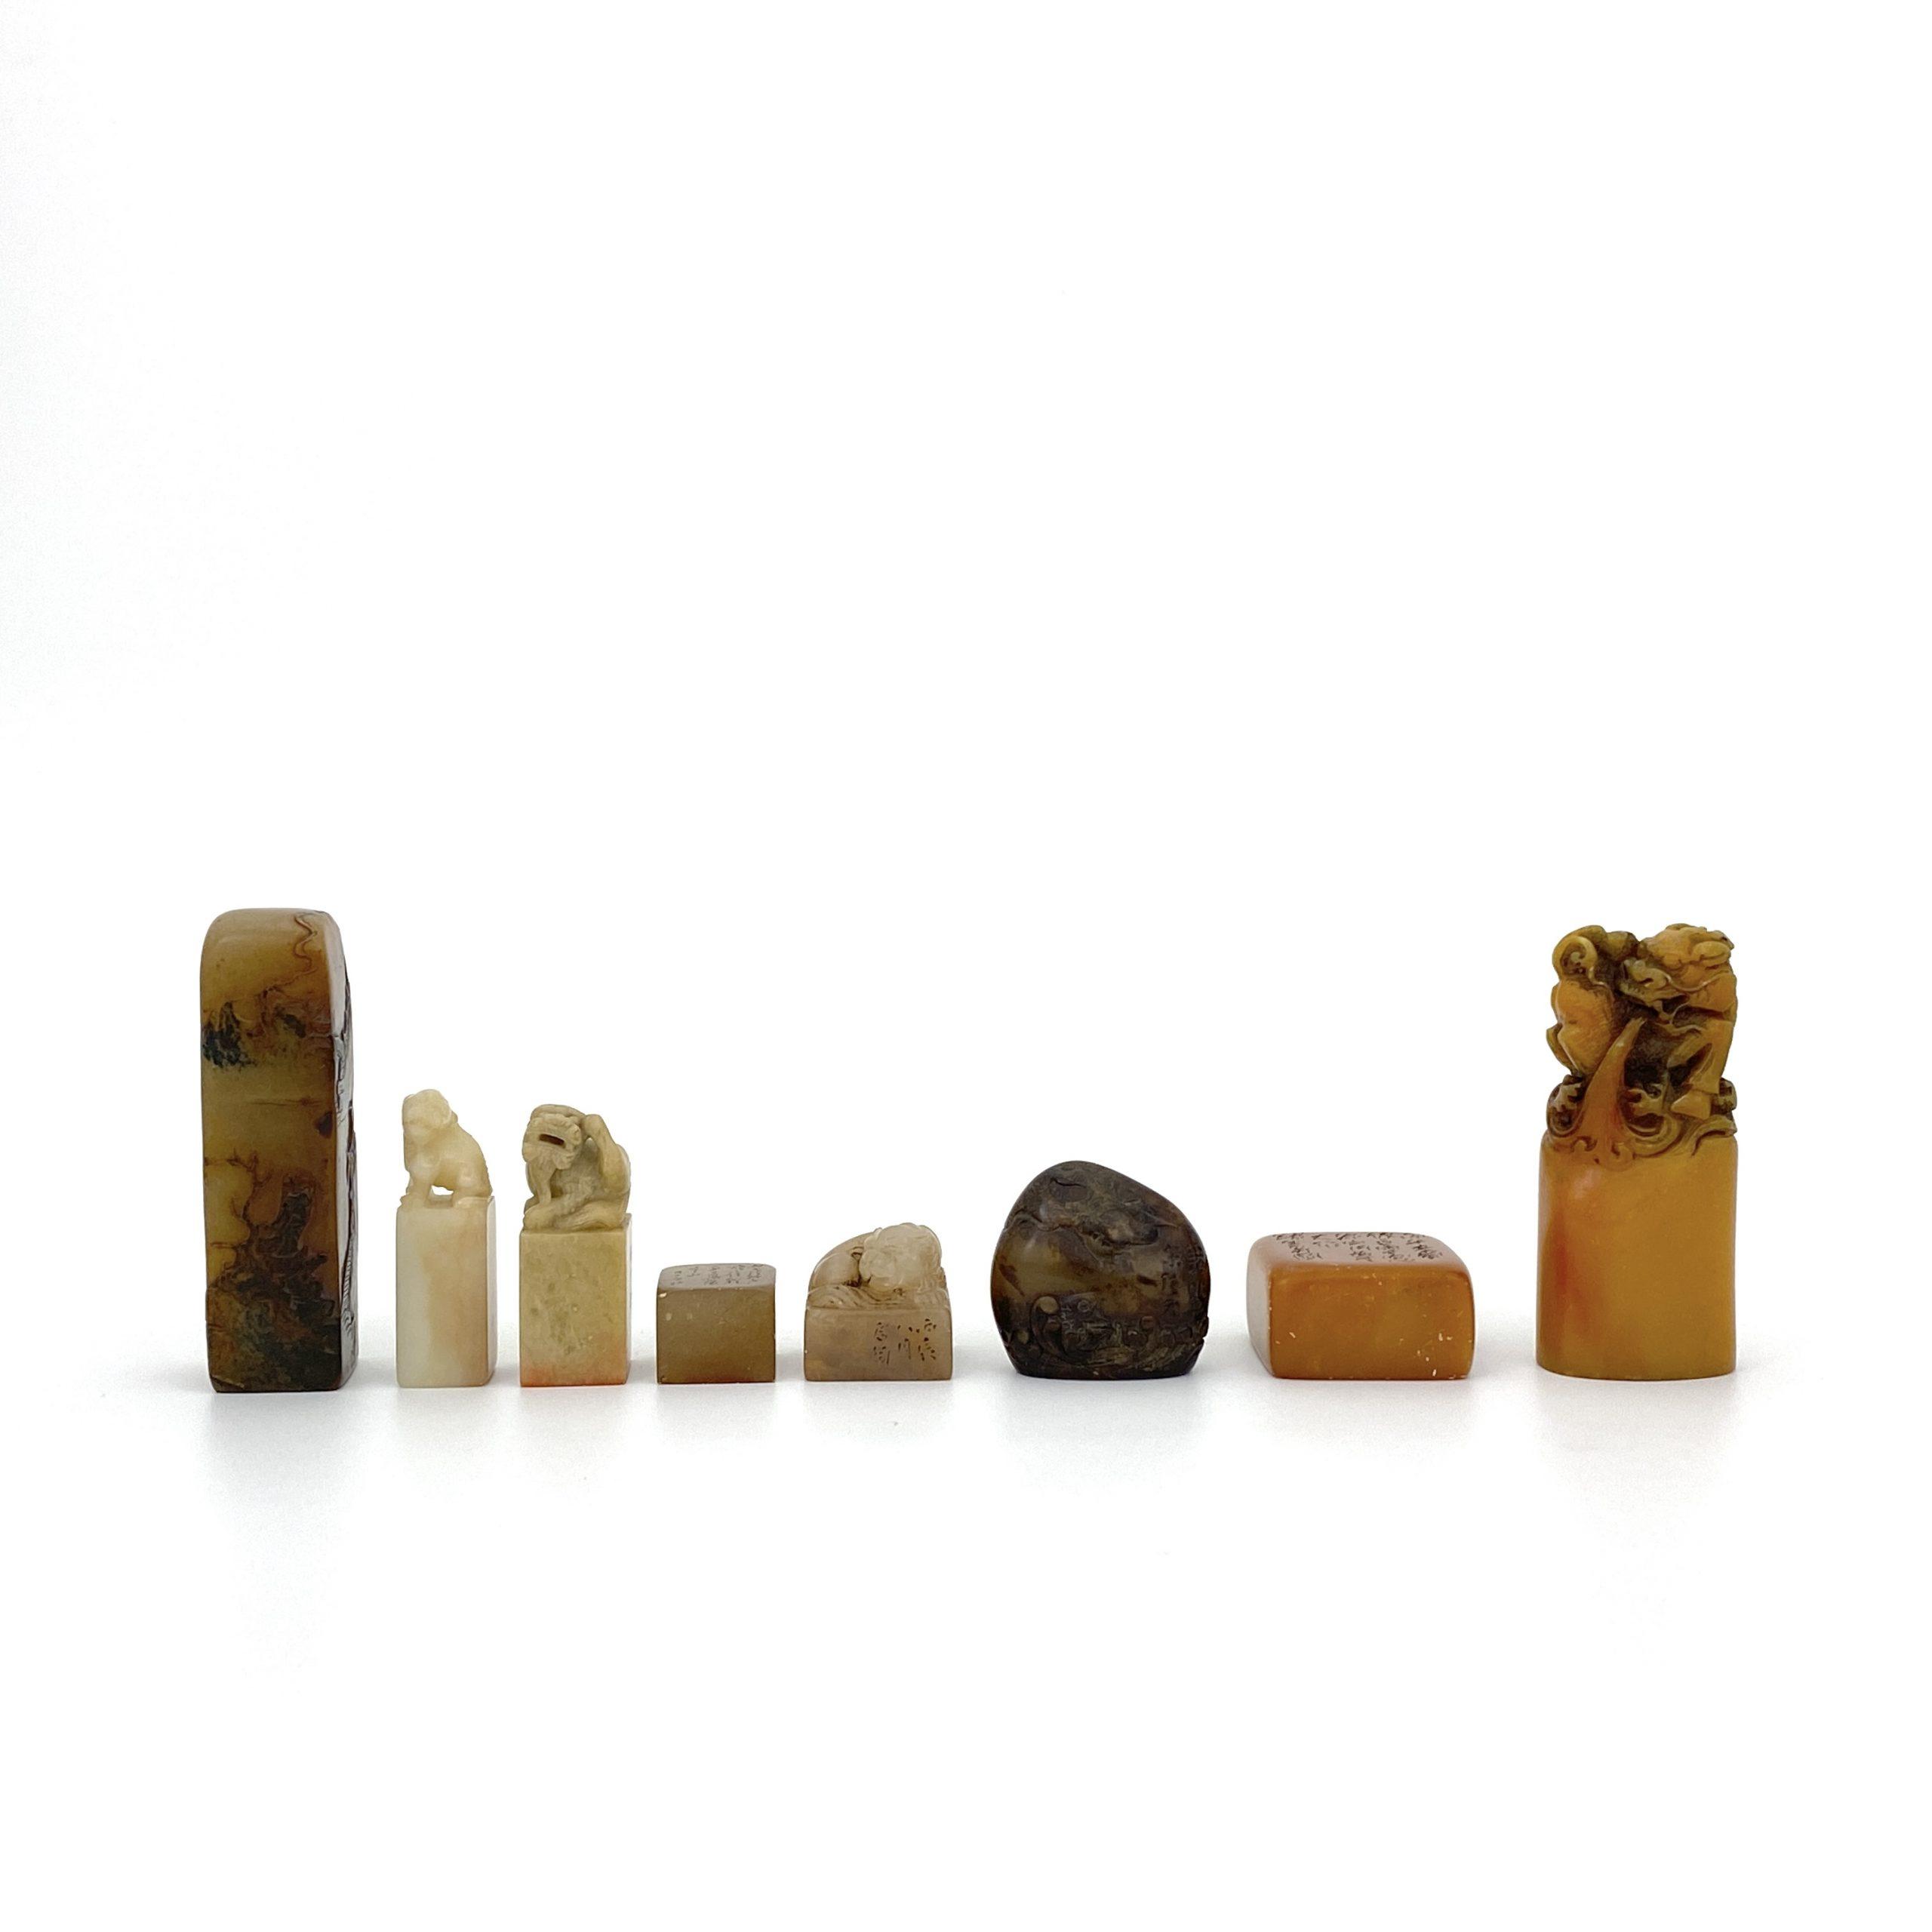 30464在銘 壽山石雕 獅子鈕 印章等 計8件